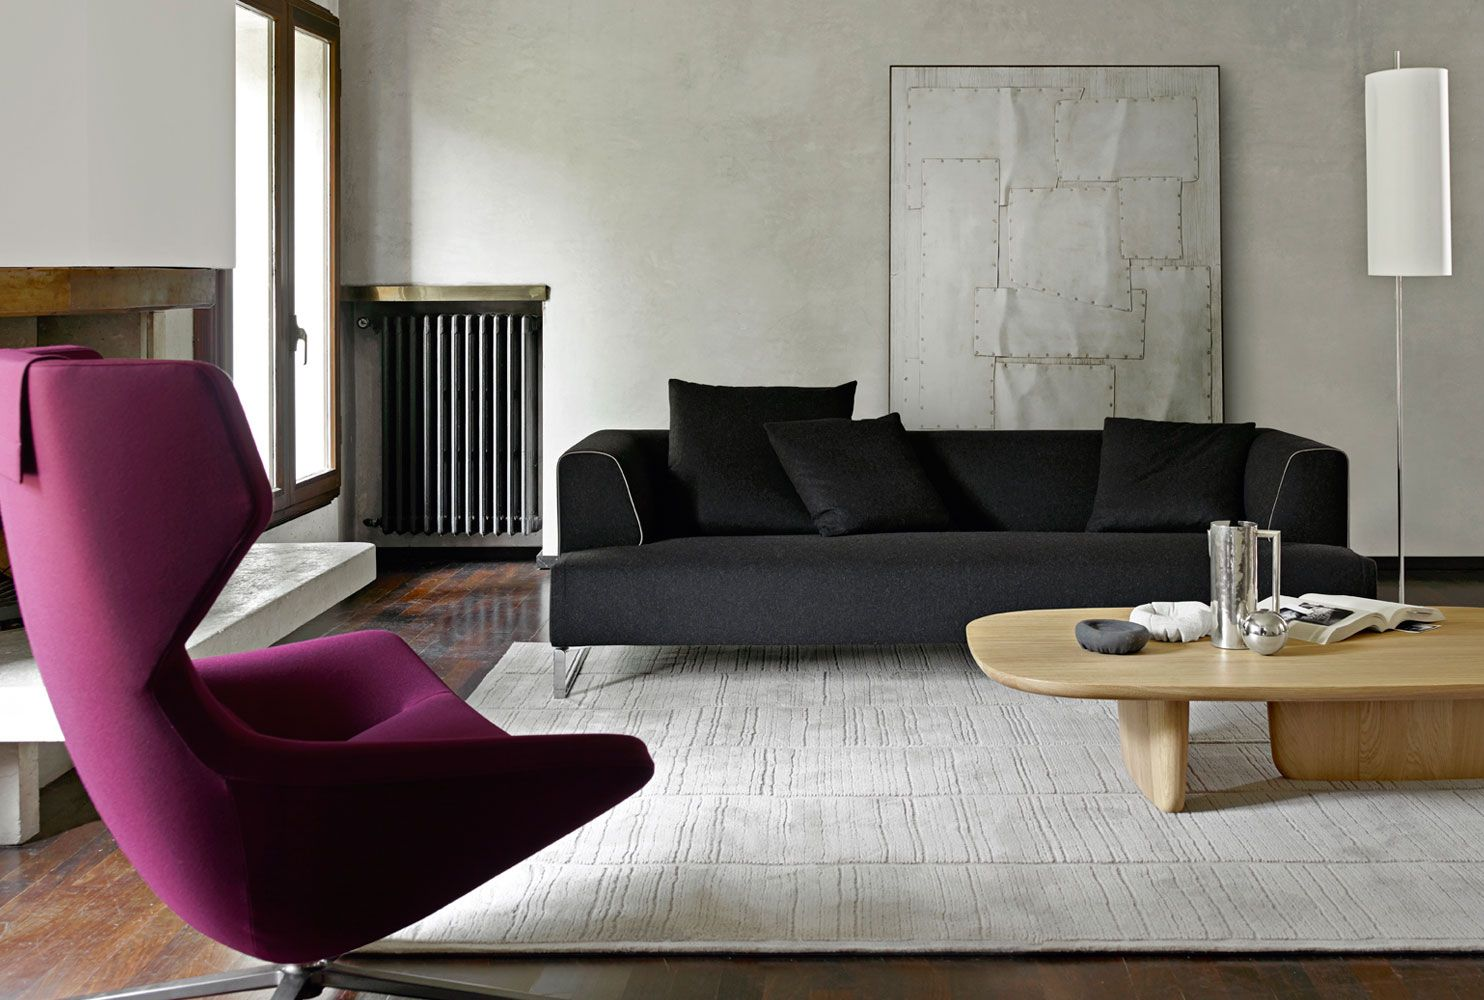 Sofa: SOLO \'14 - Collection: B&B Italia - Design: Antonio Citterio ...